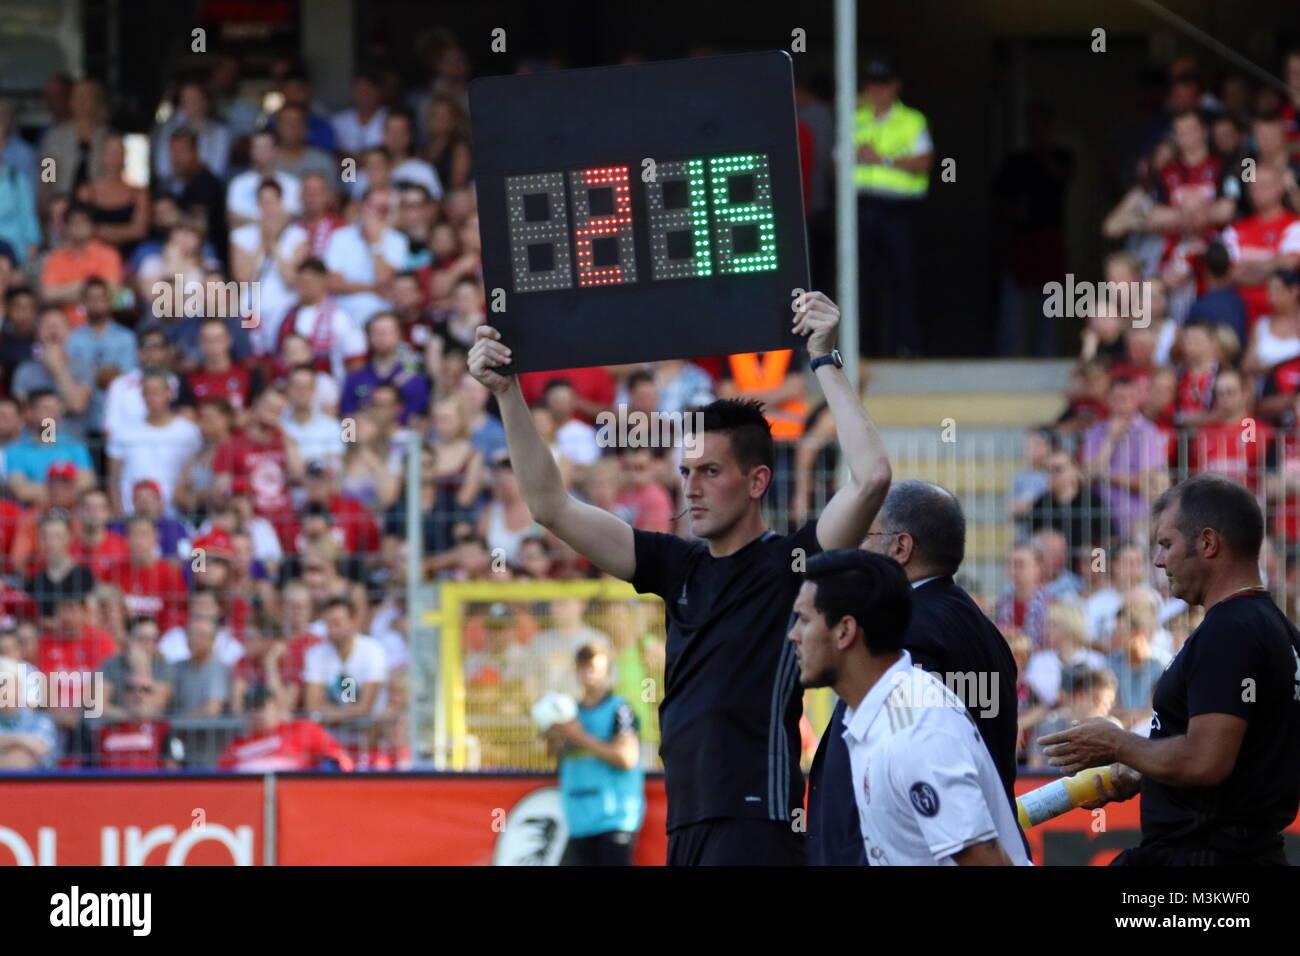 Erster großer Einsatz im Internationalen Profifussball: Schiedsrichter Tobias Döring (Klengen) an der - Stock Image